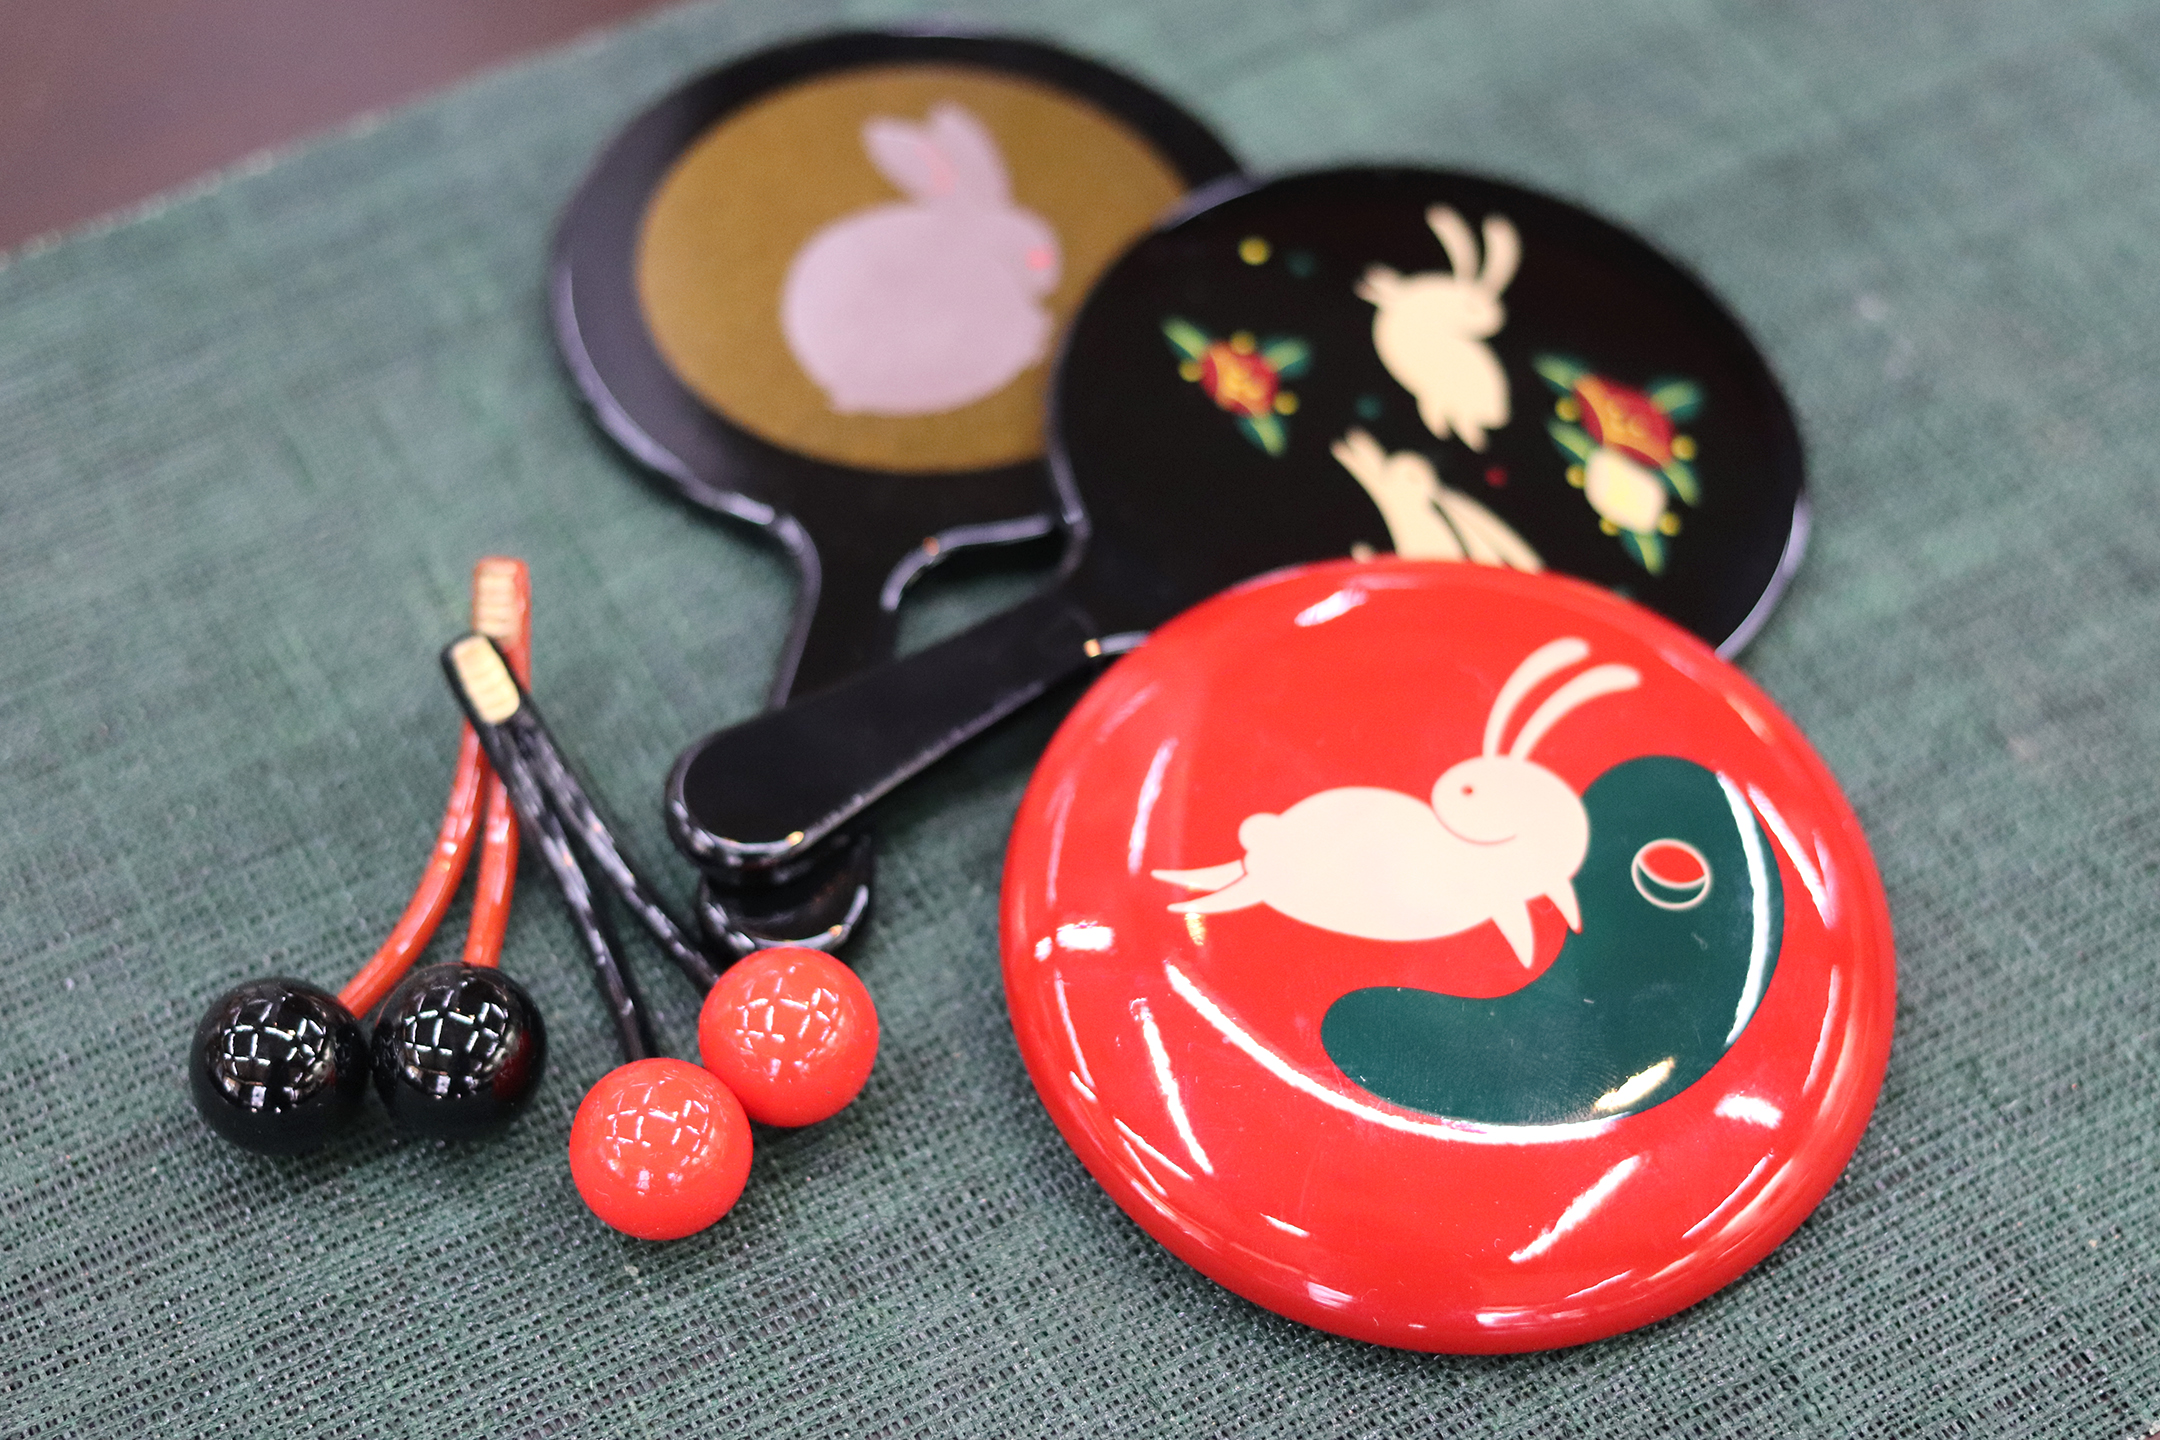 赤い丸鏡「ご縁鏡」3,300円(直径7.5㎝)、「稲田姫鏡」各1,650円(直径7.3cm、長さ12.2cm)、「さくらんぼ縁結び箸置」ペア1,100円